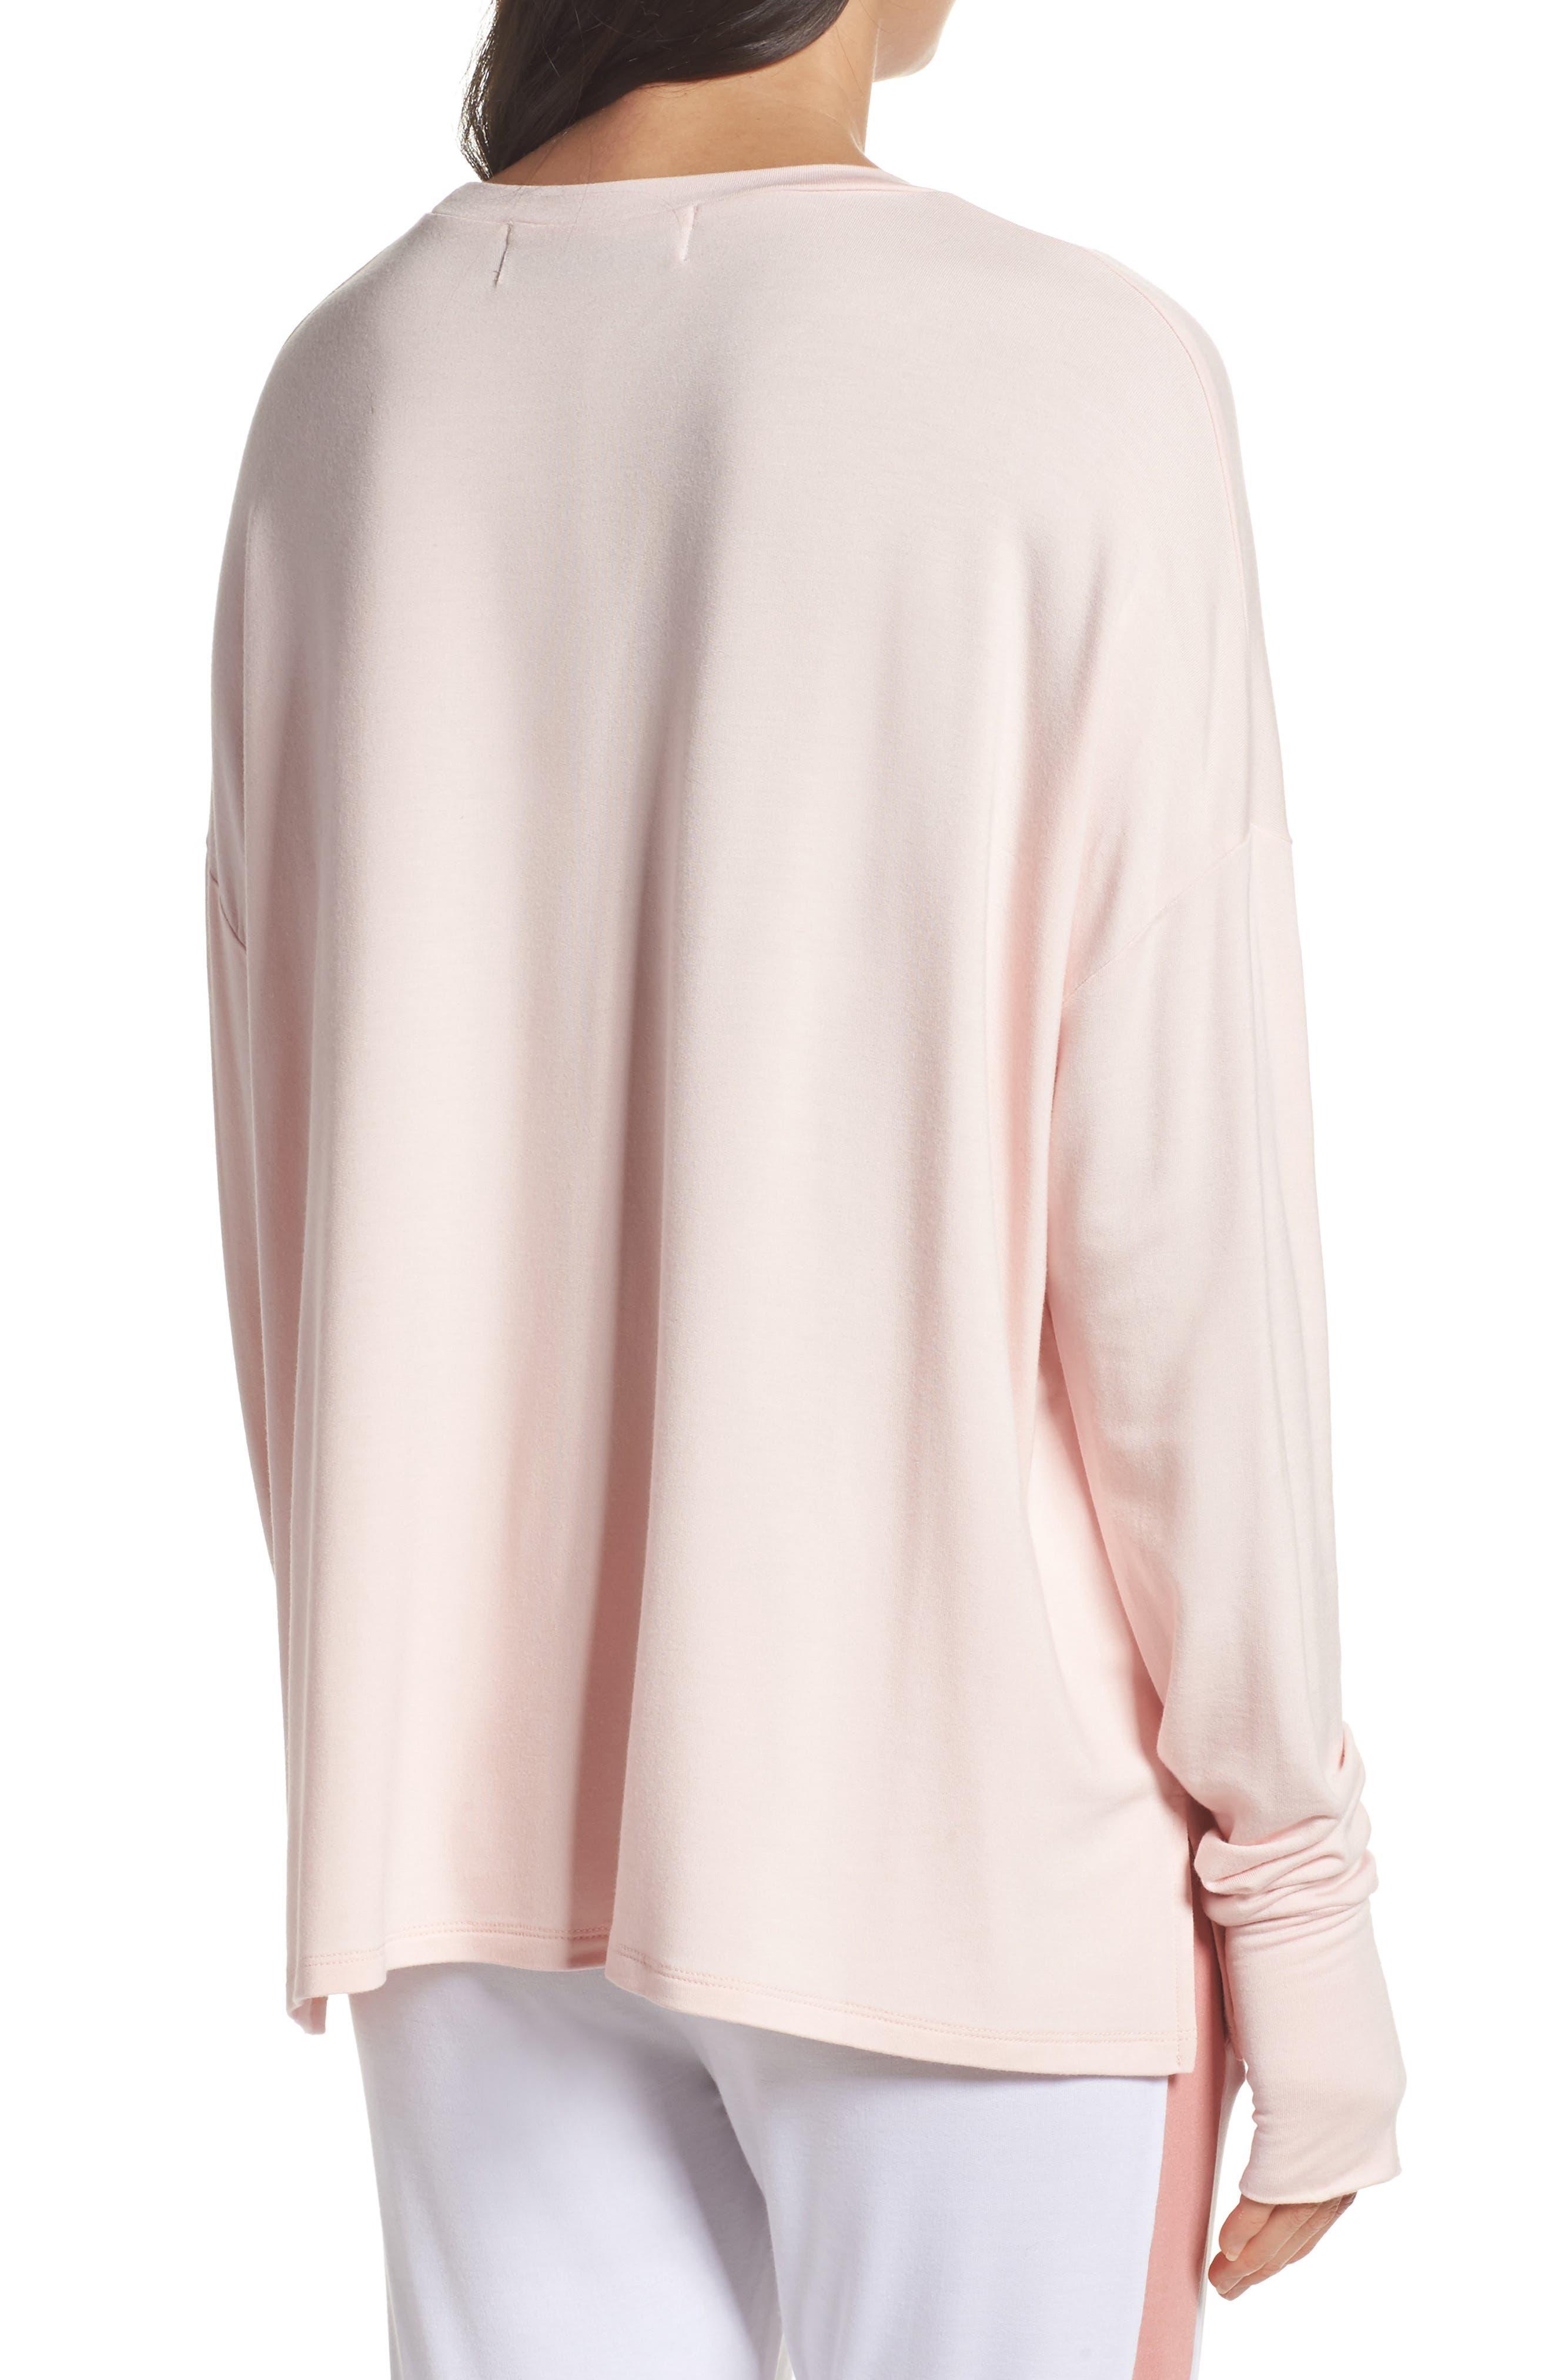 Rosé Please Sweatshirt,                             Alternate thumbnail 2, color,